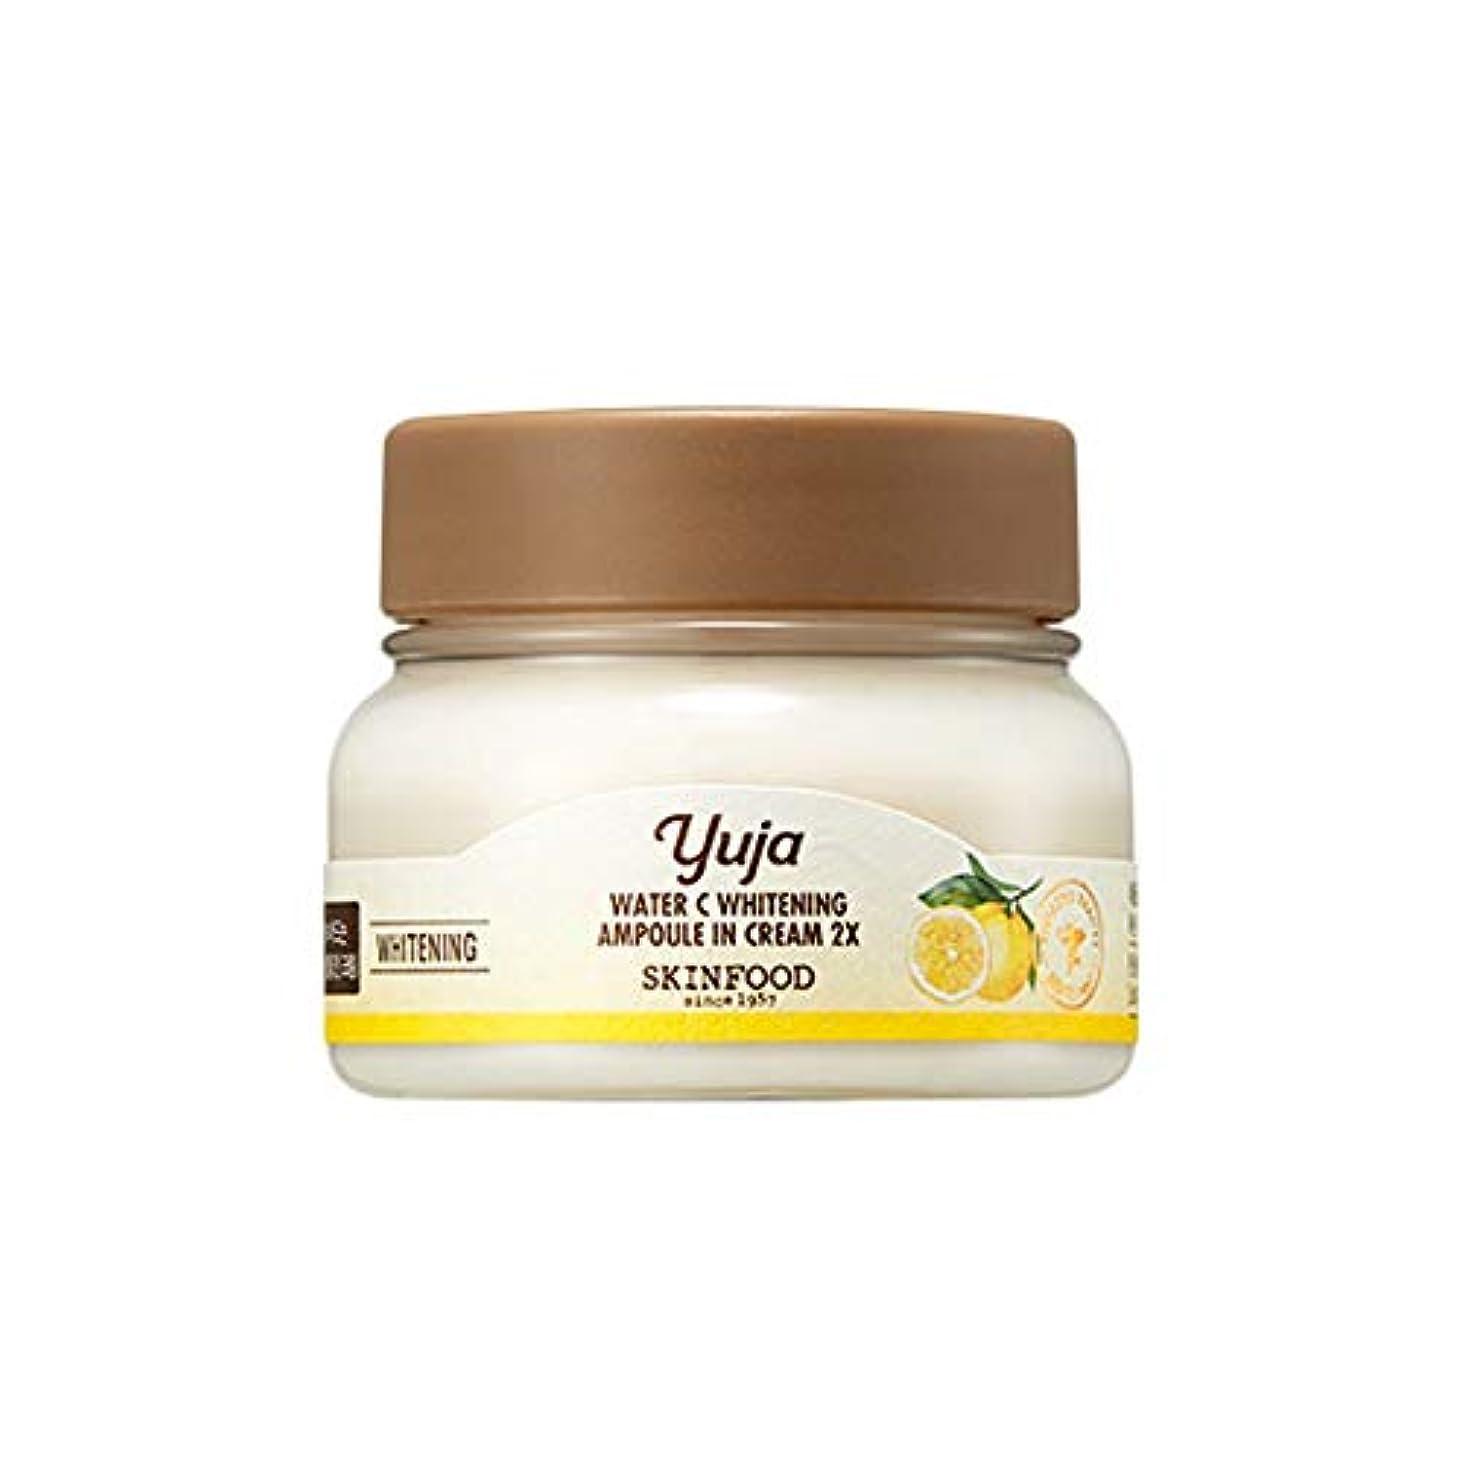 Skinfood Yuja Water Cホワイトニングアンプル2X / Yaja Water C Whitening Ampoule In Cream 2X 70ml [並行輸入品]